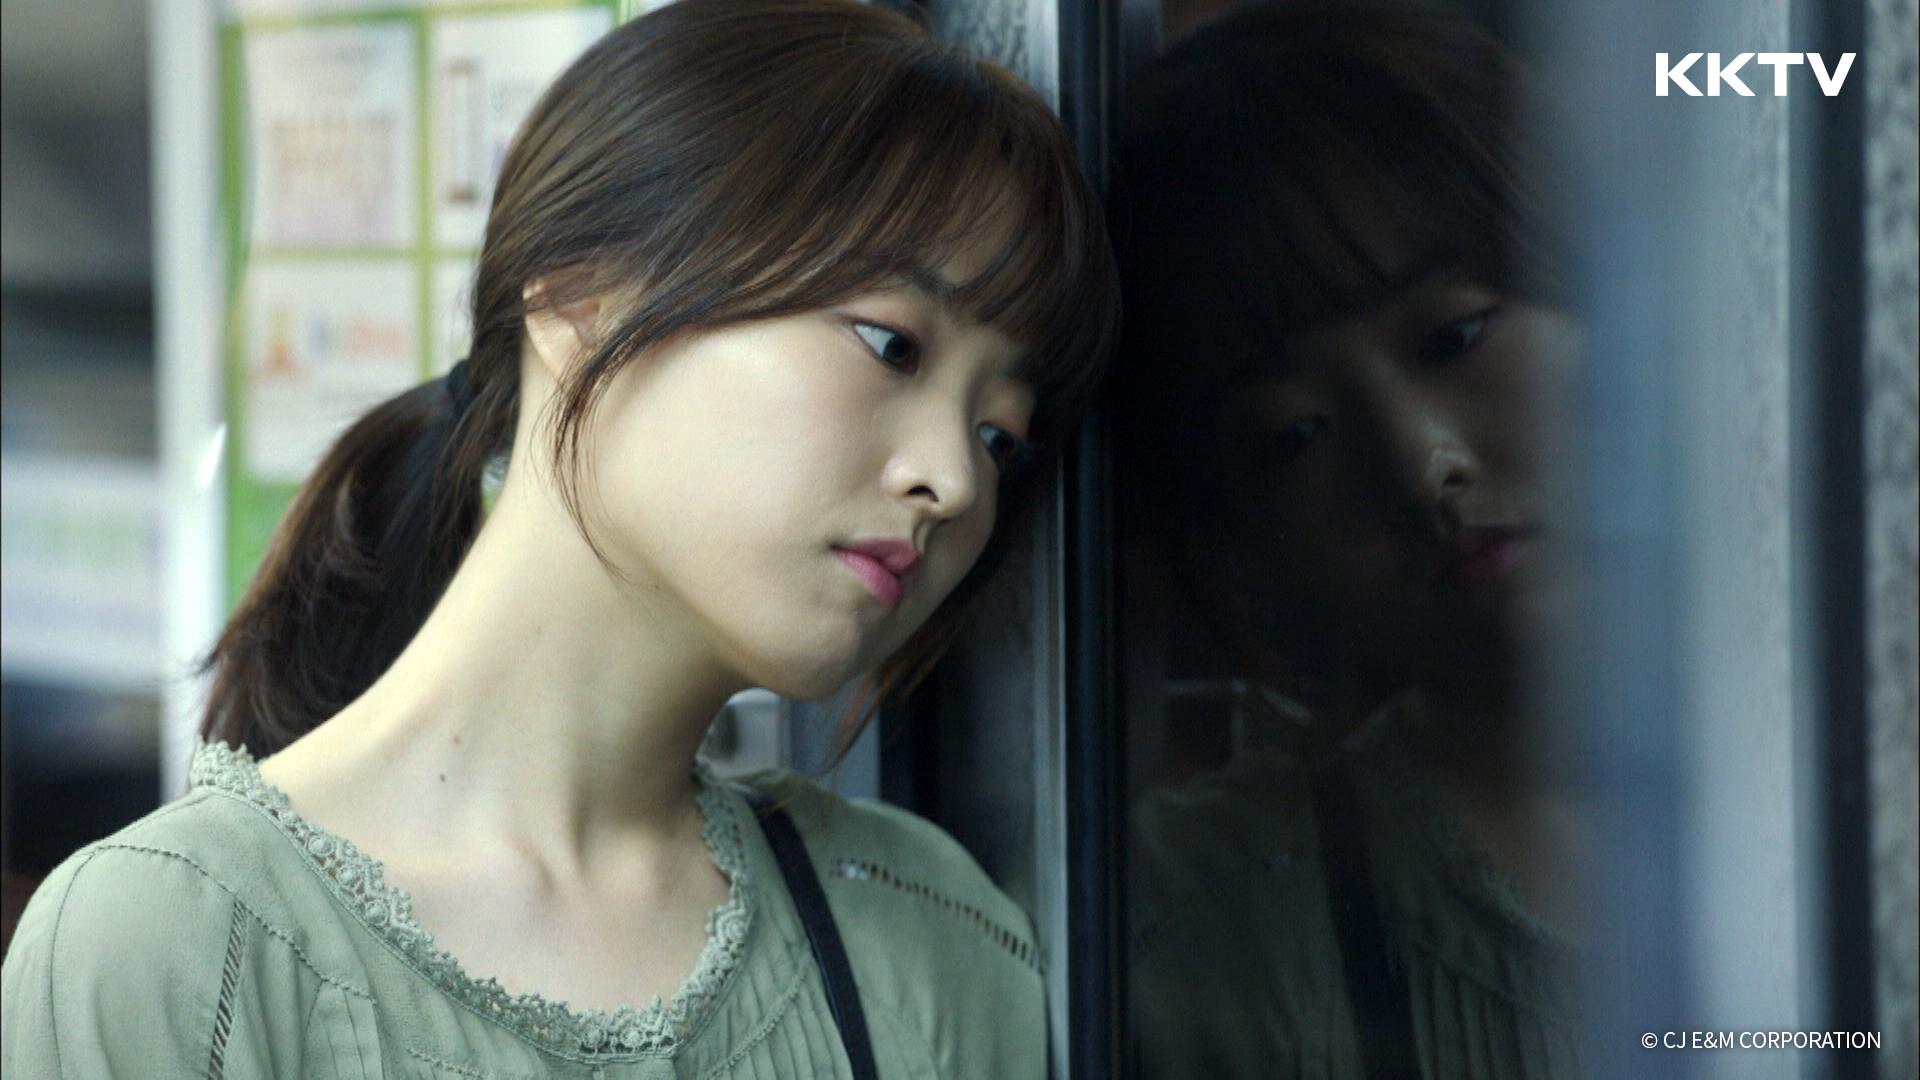 ▲《 Oh 我的鬼神君 》線上看:10/3 02:20及09:25起於 強檔韓劇台 播出,每天同時段更新一集